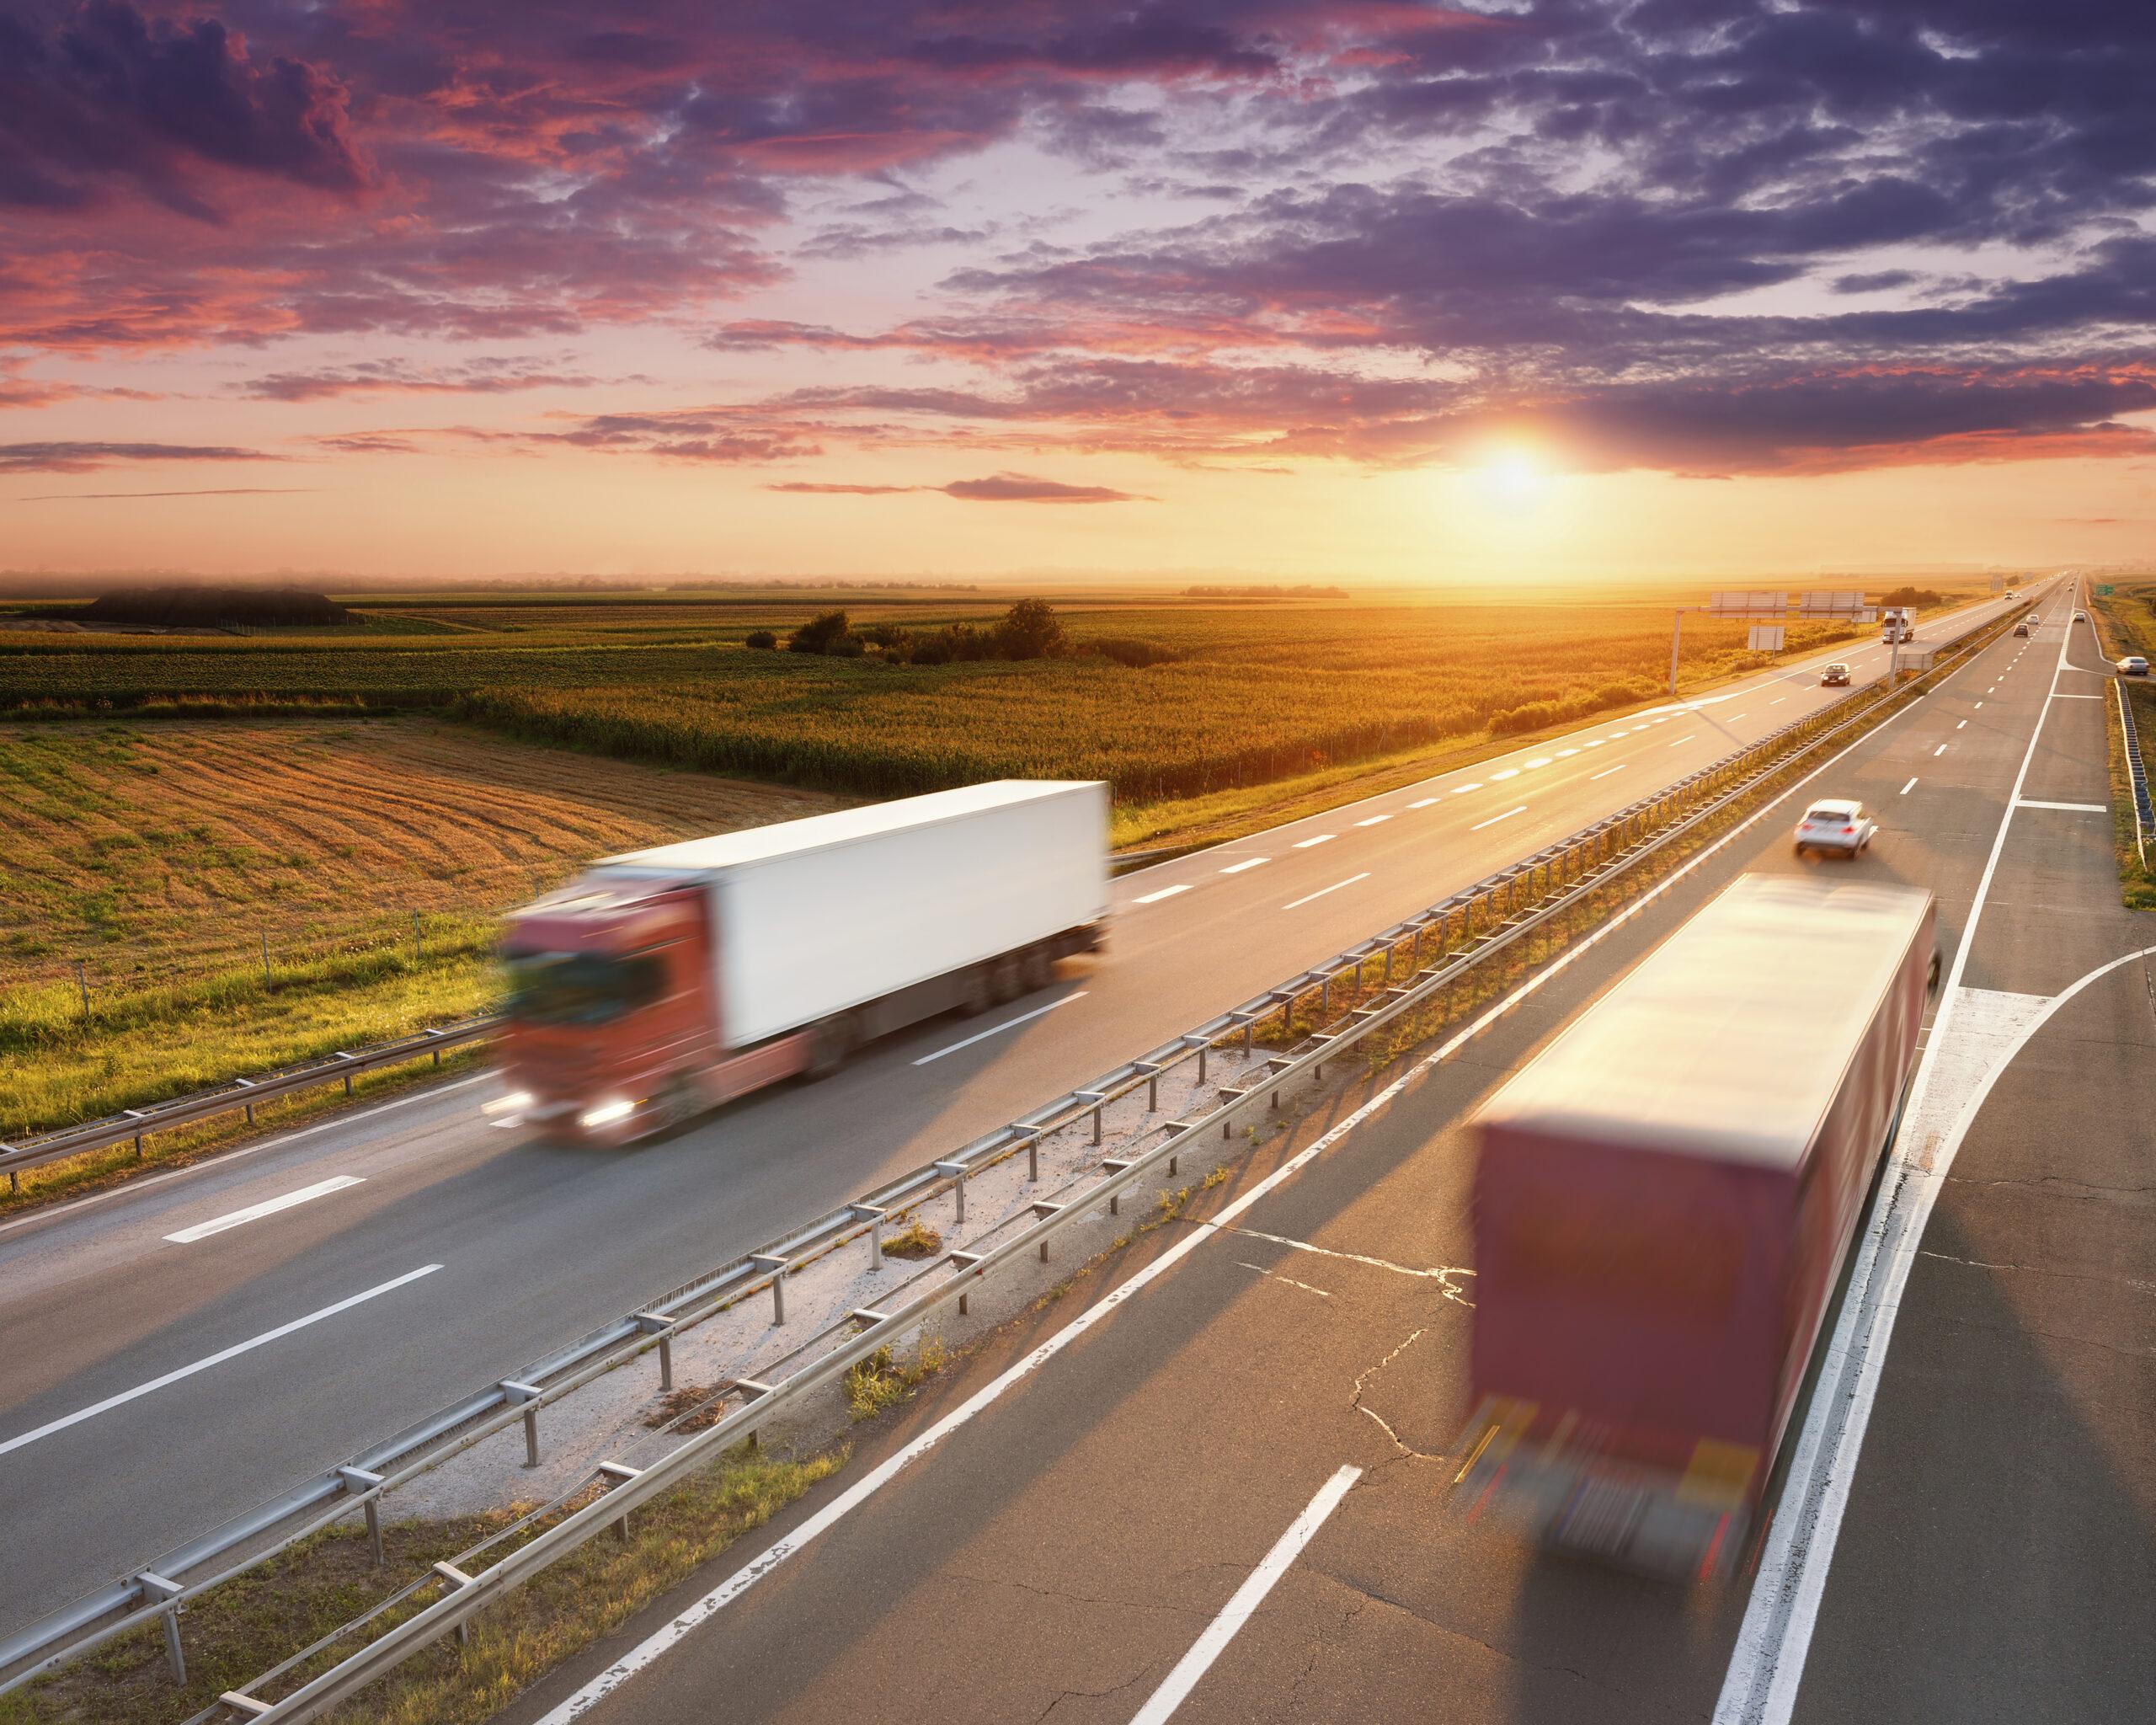 Un'autostrada di vantaggi per te 🚛 Conosciamo il mondo dell'autotrasporto e troviamo per te la